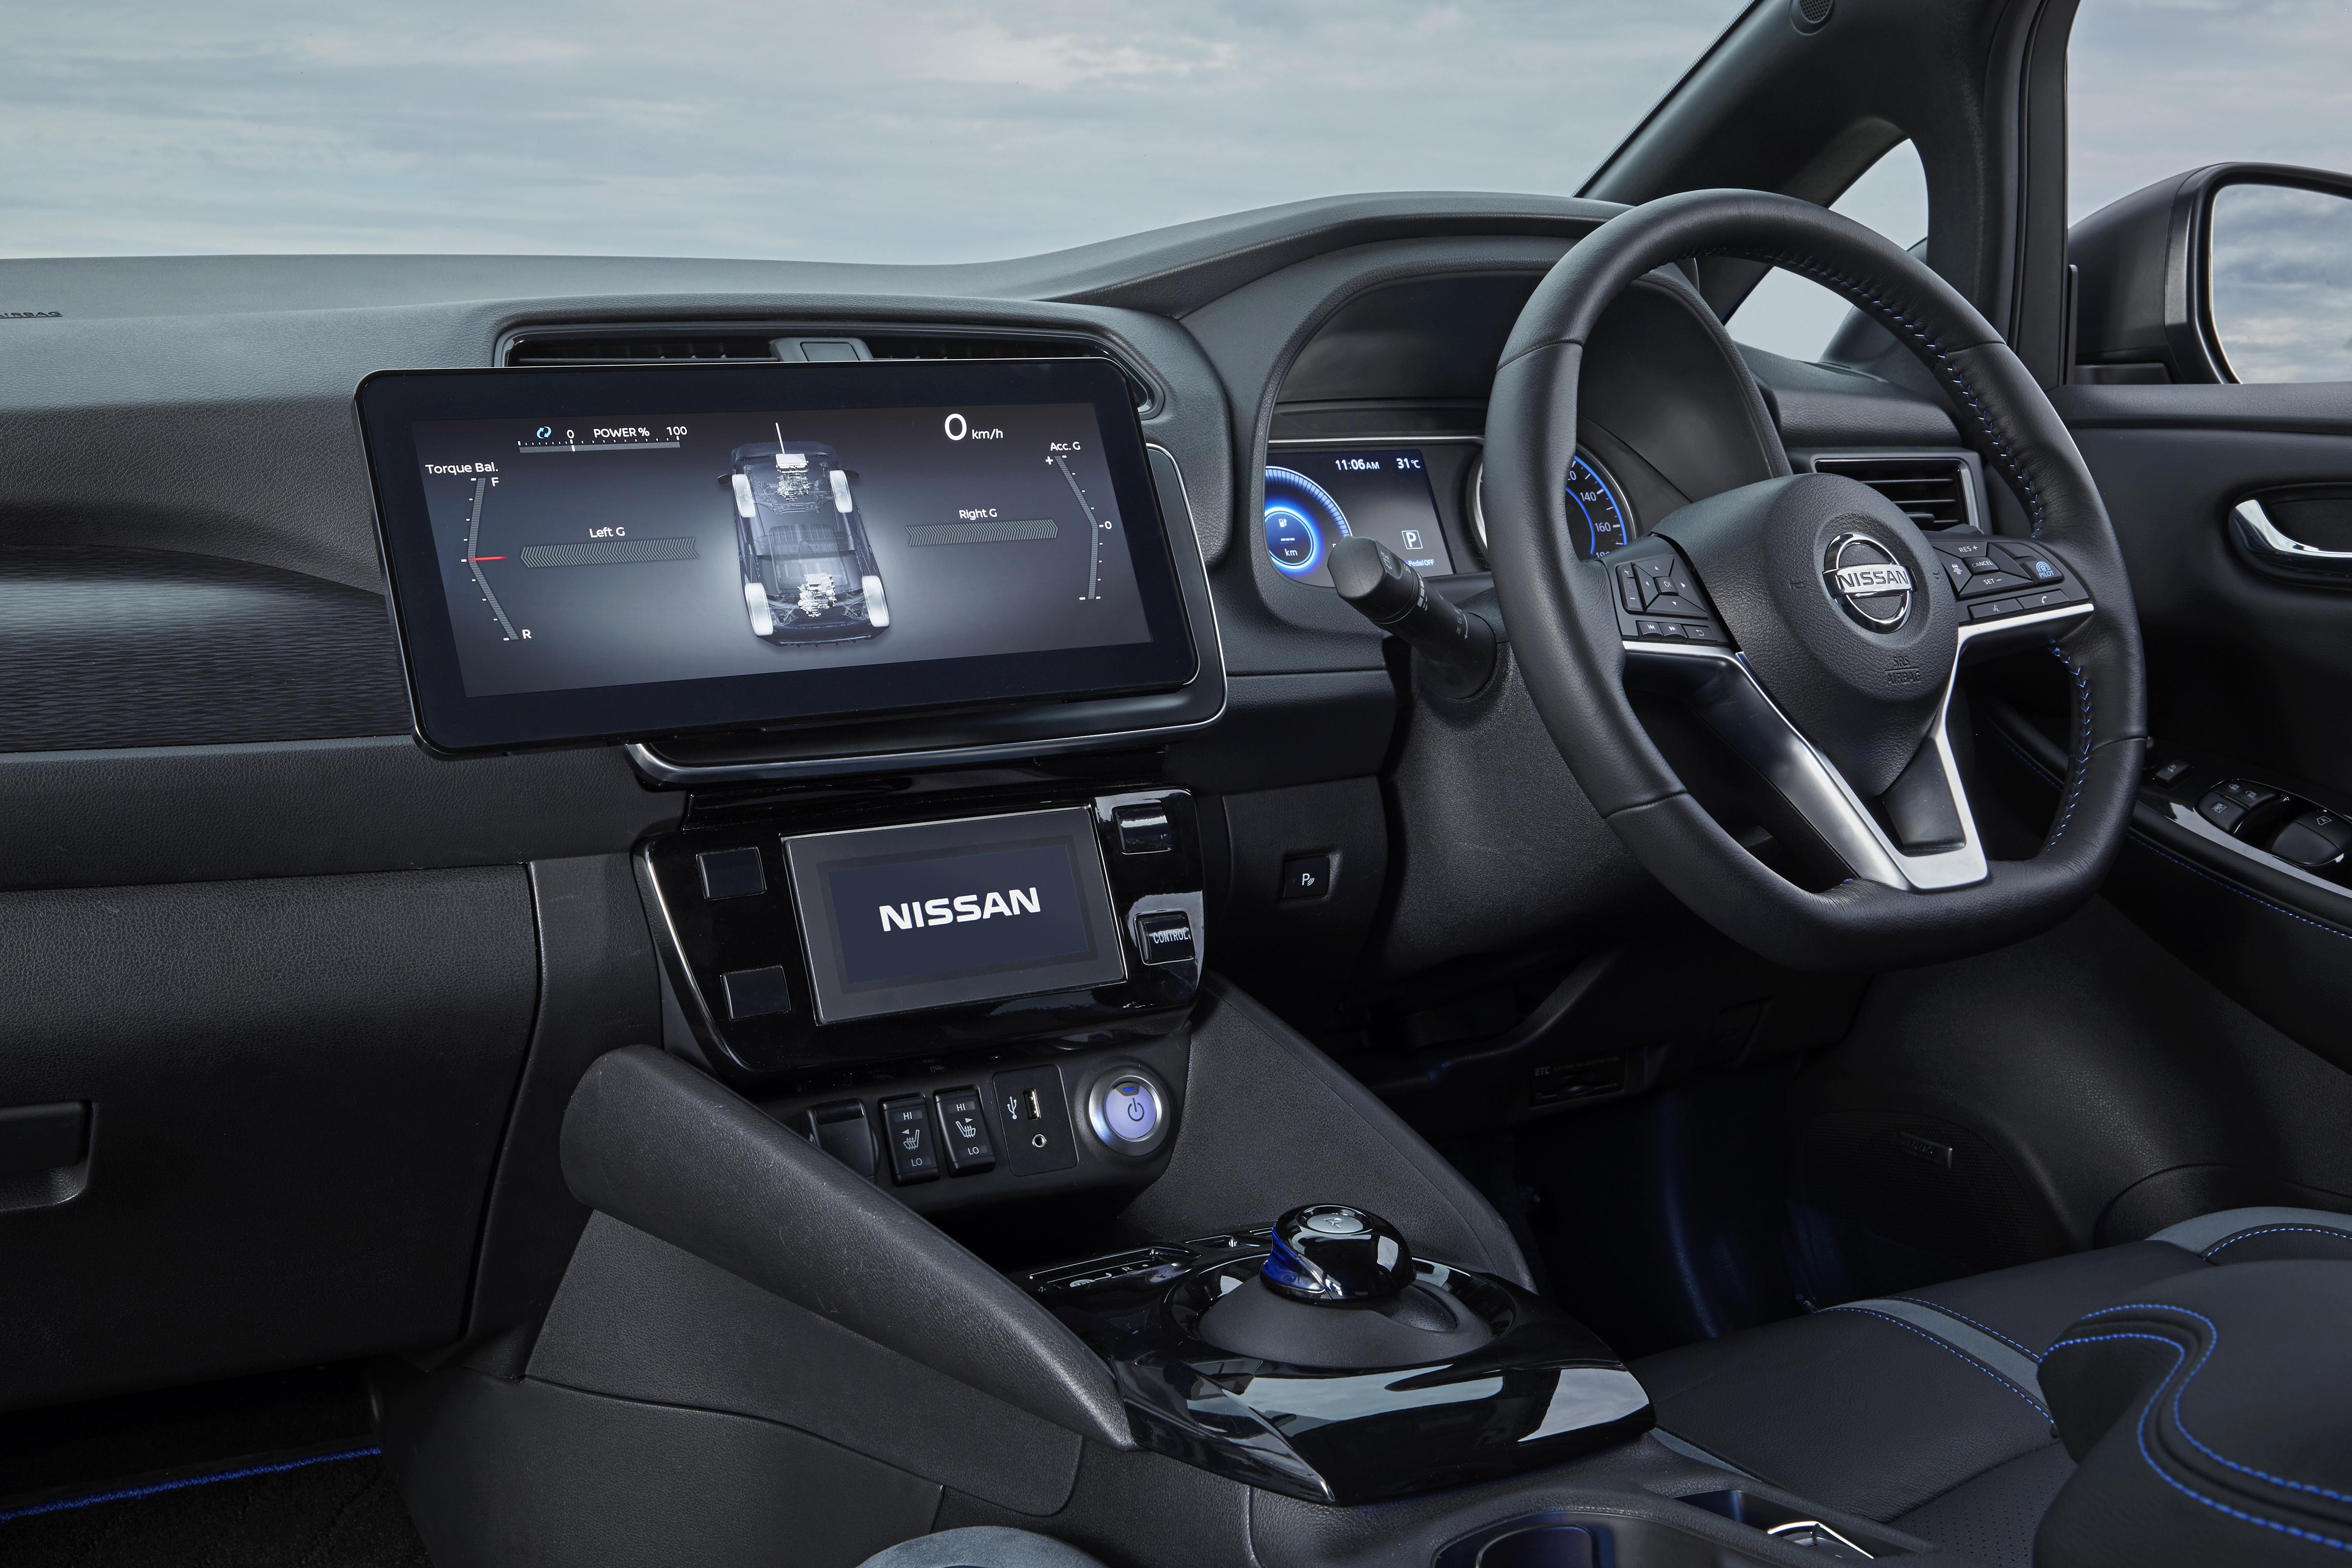 E 4orce Tecnología Nissan Eléctricos (6)